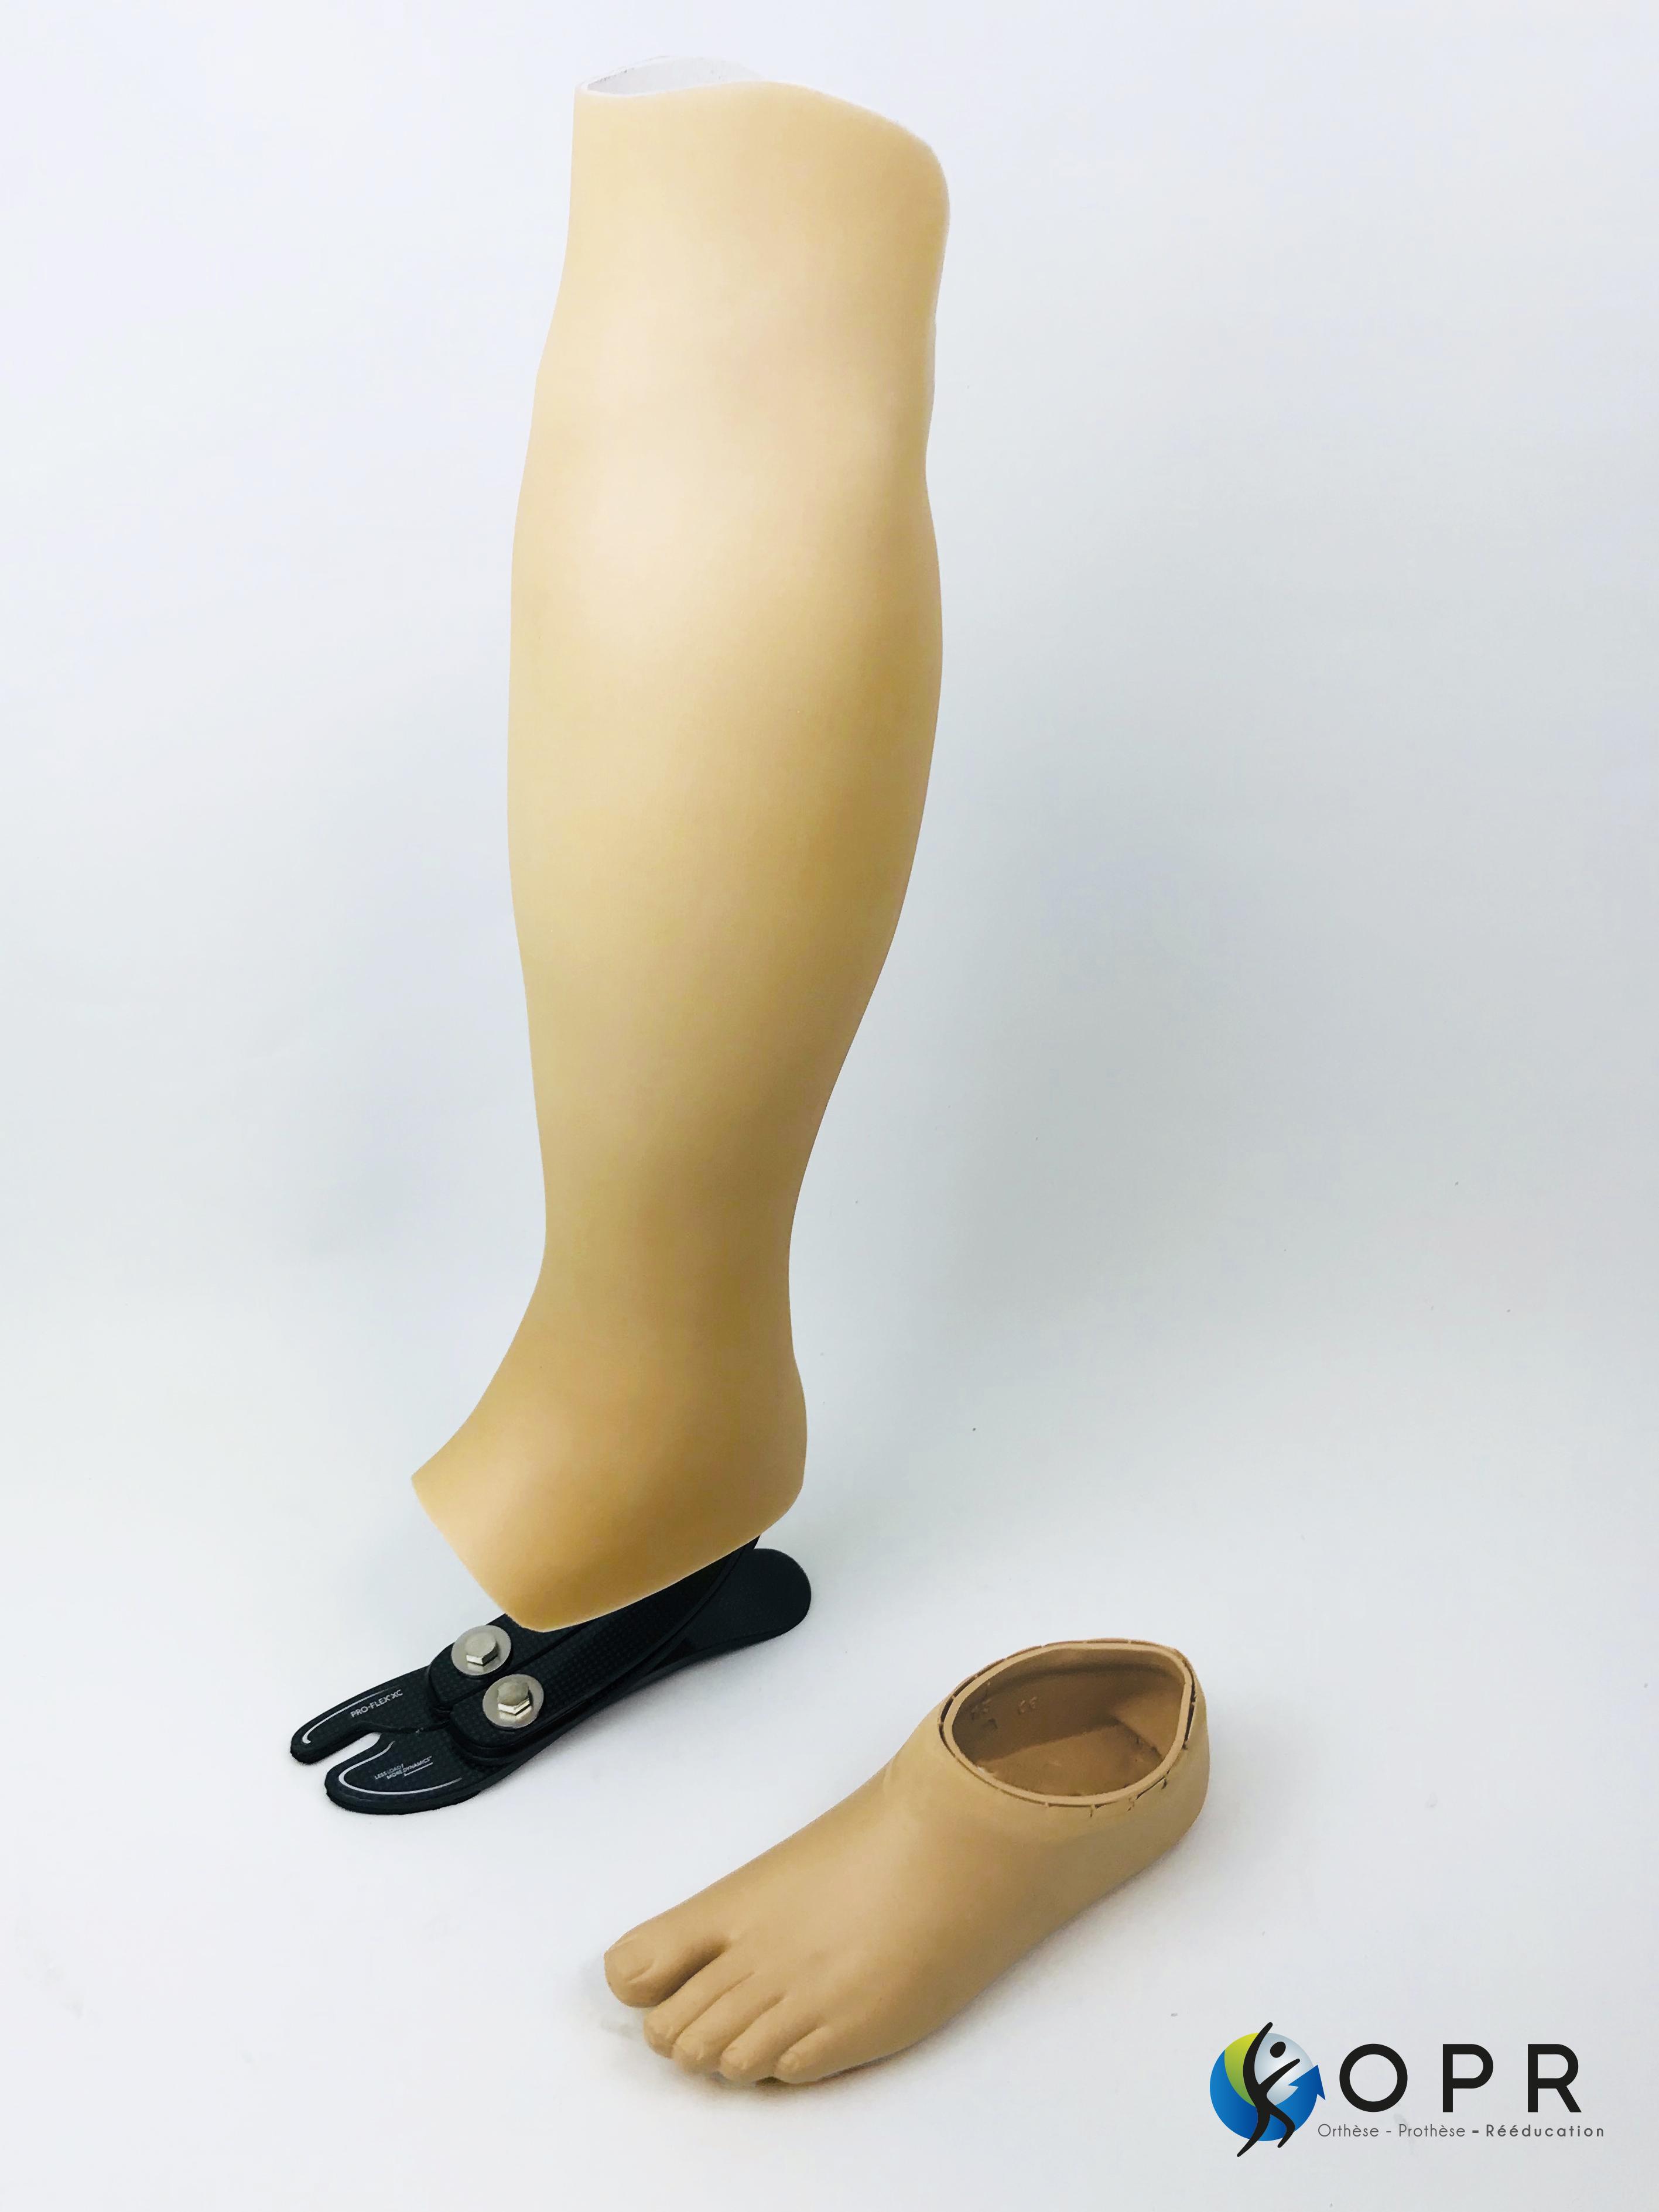 esthétique tibiale prothèse invisible de tibia fabriqué en bretagne et en normandie